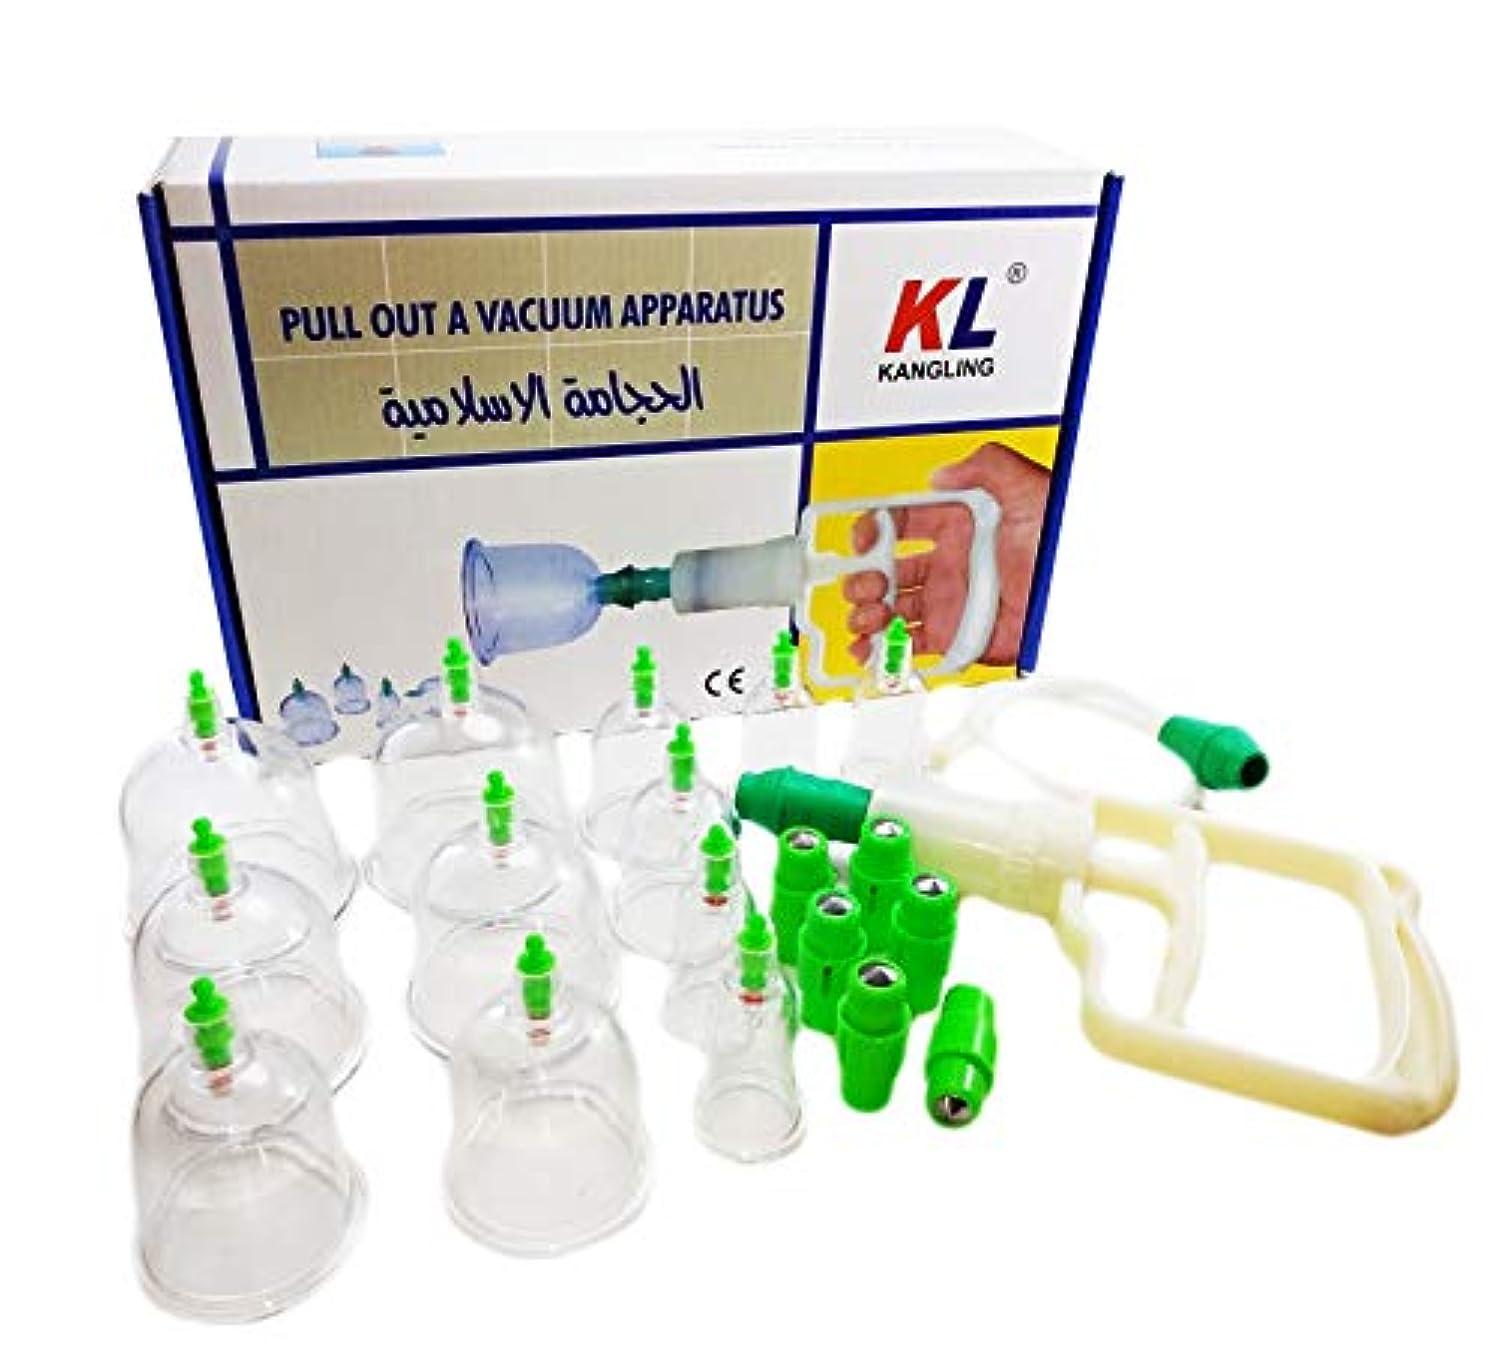 強調する倉庫と遊ぶ12 Cups Therapy Sets With Pump Vacuum, Pipe & Magnetic Acupunture Multifunctional Vacuum Cupping Body Massager Islamic Hijama Nabawi ChineseTreatment Suction